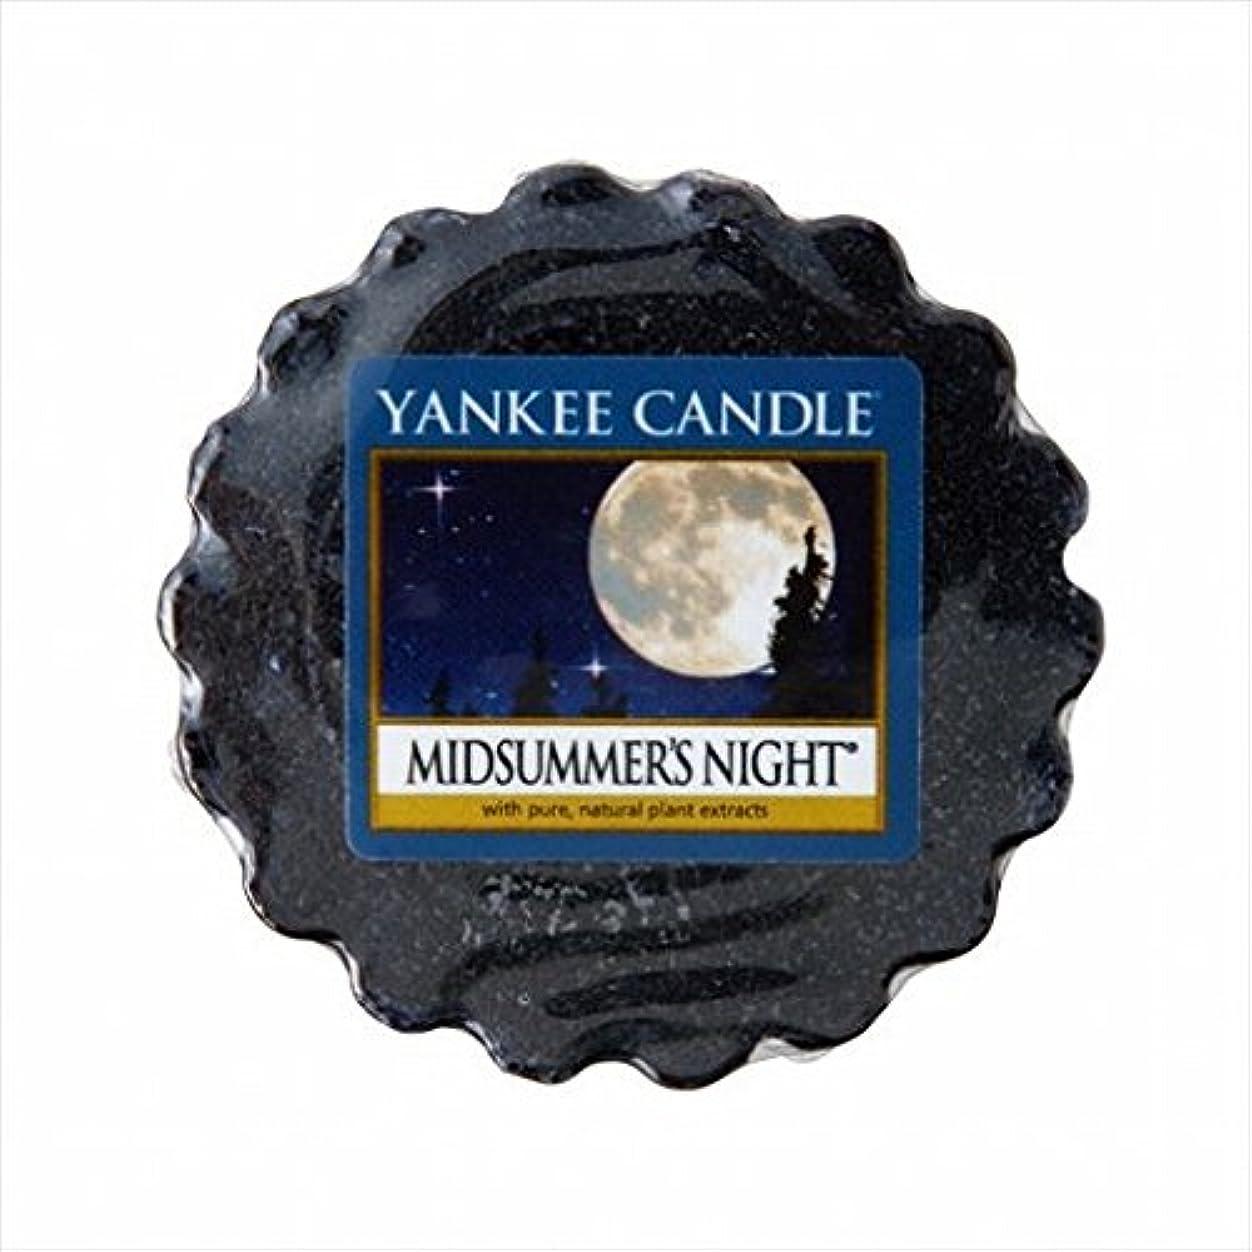 ブッシュ来て預言者カメヤマキャンドル(kameyama candle) YANKEE CANDLE タルト ワックスポプリ 「 ミッドサマーズナイト 」